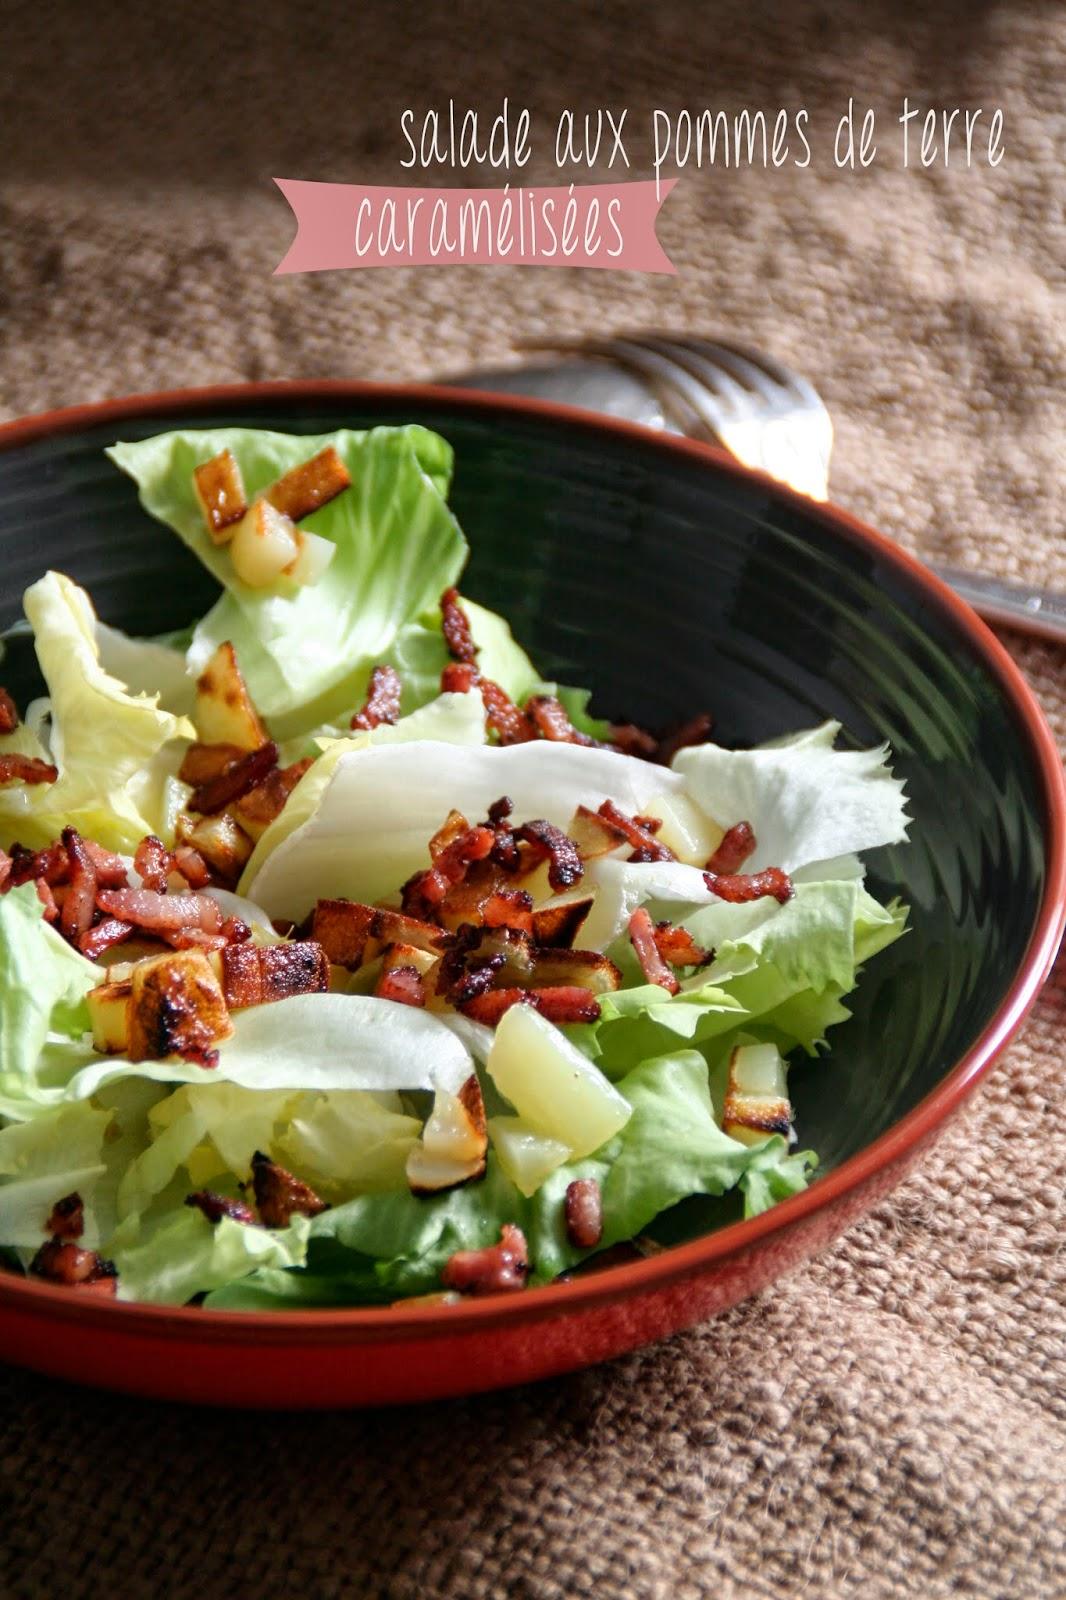 et charlotte d couvrit la cuisine salade aux pommes de terre caram lis es. Black Bedroom Furniture Sets. Home Design Ideas